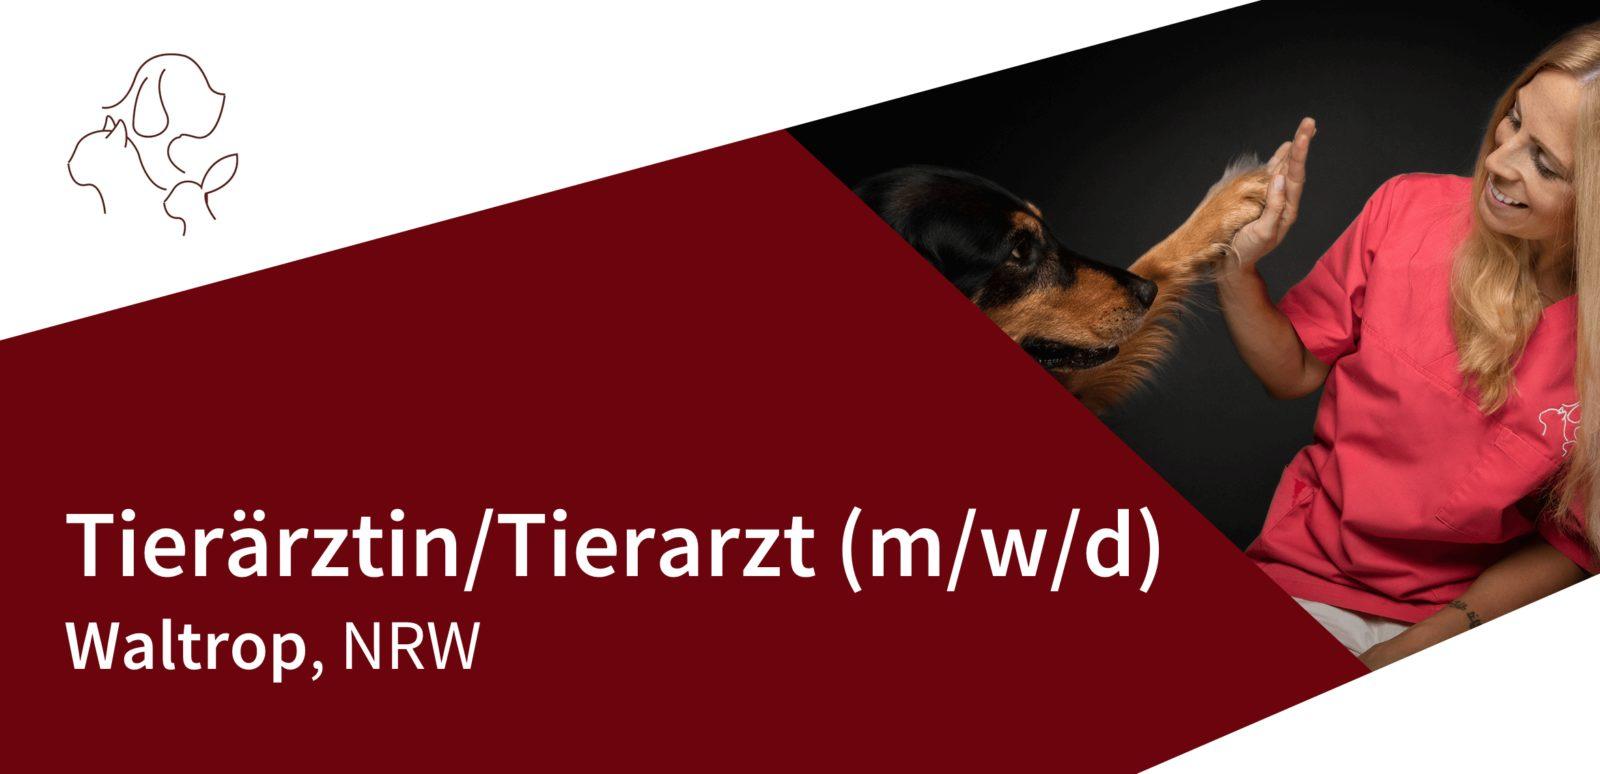 Kleintierpraxis Dres. Leps - Tierärztin/Tierarzt (m/w/d) in Waltrop gesucht